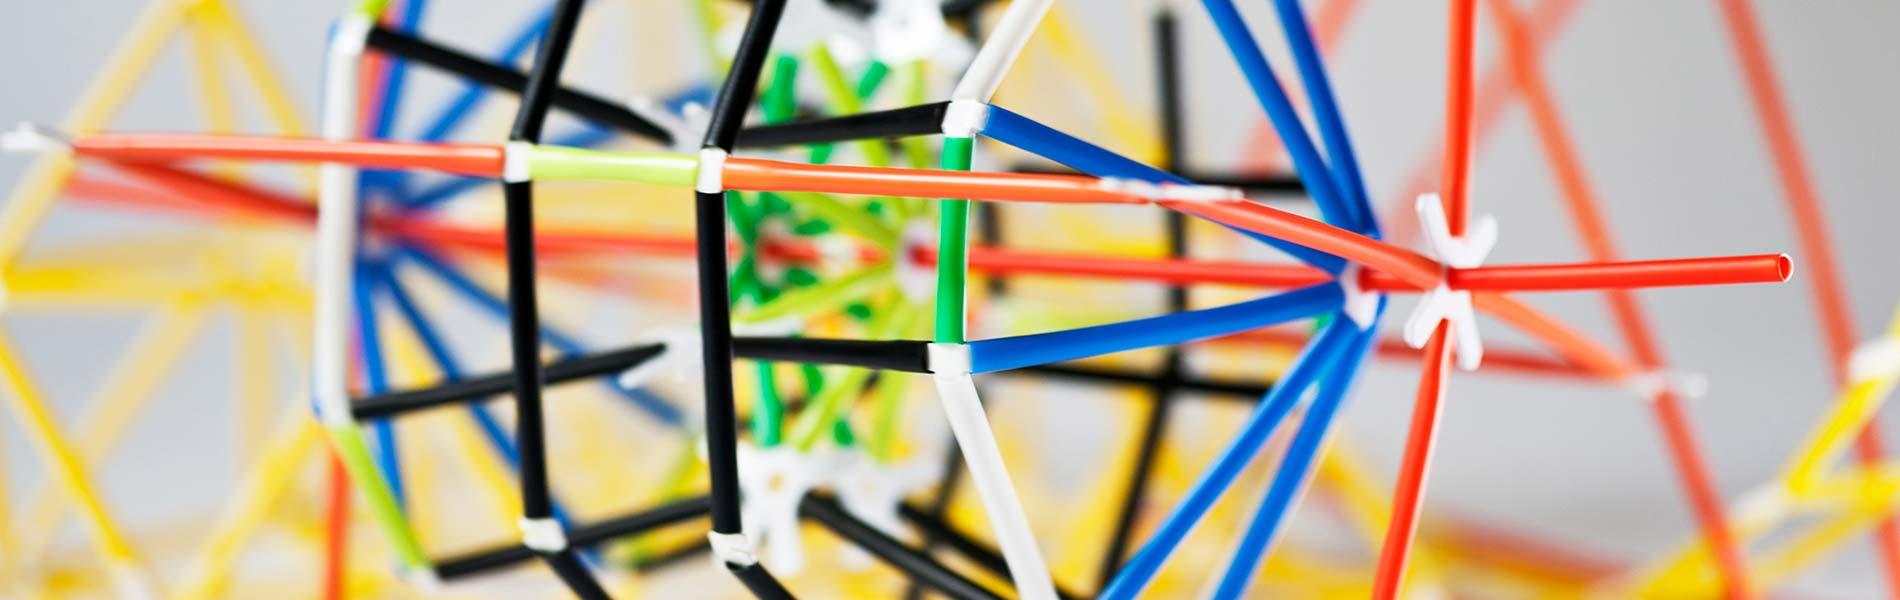 Vattenhjul byggt av färgglada plastdelar